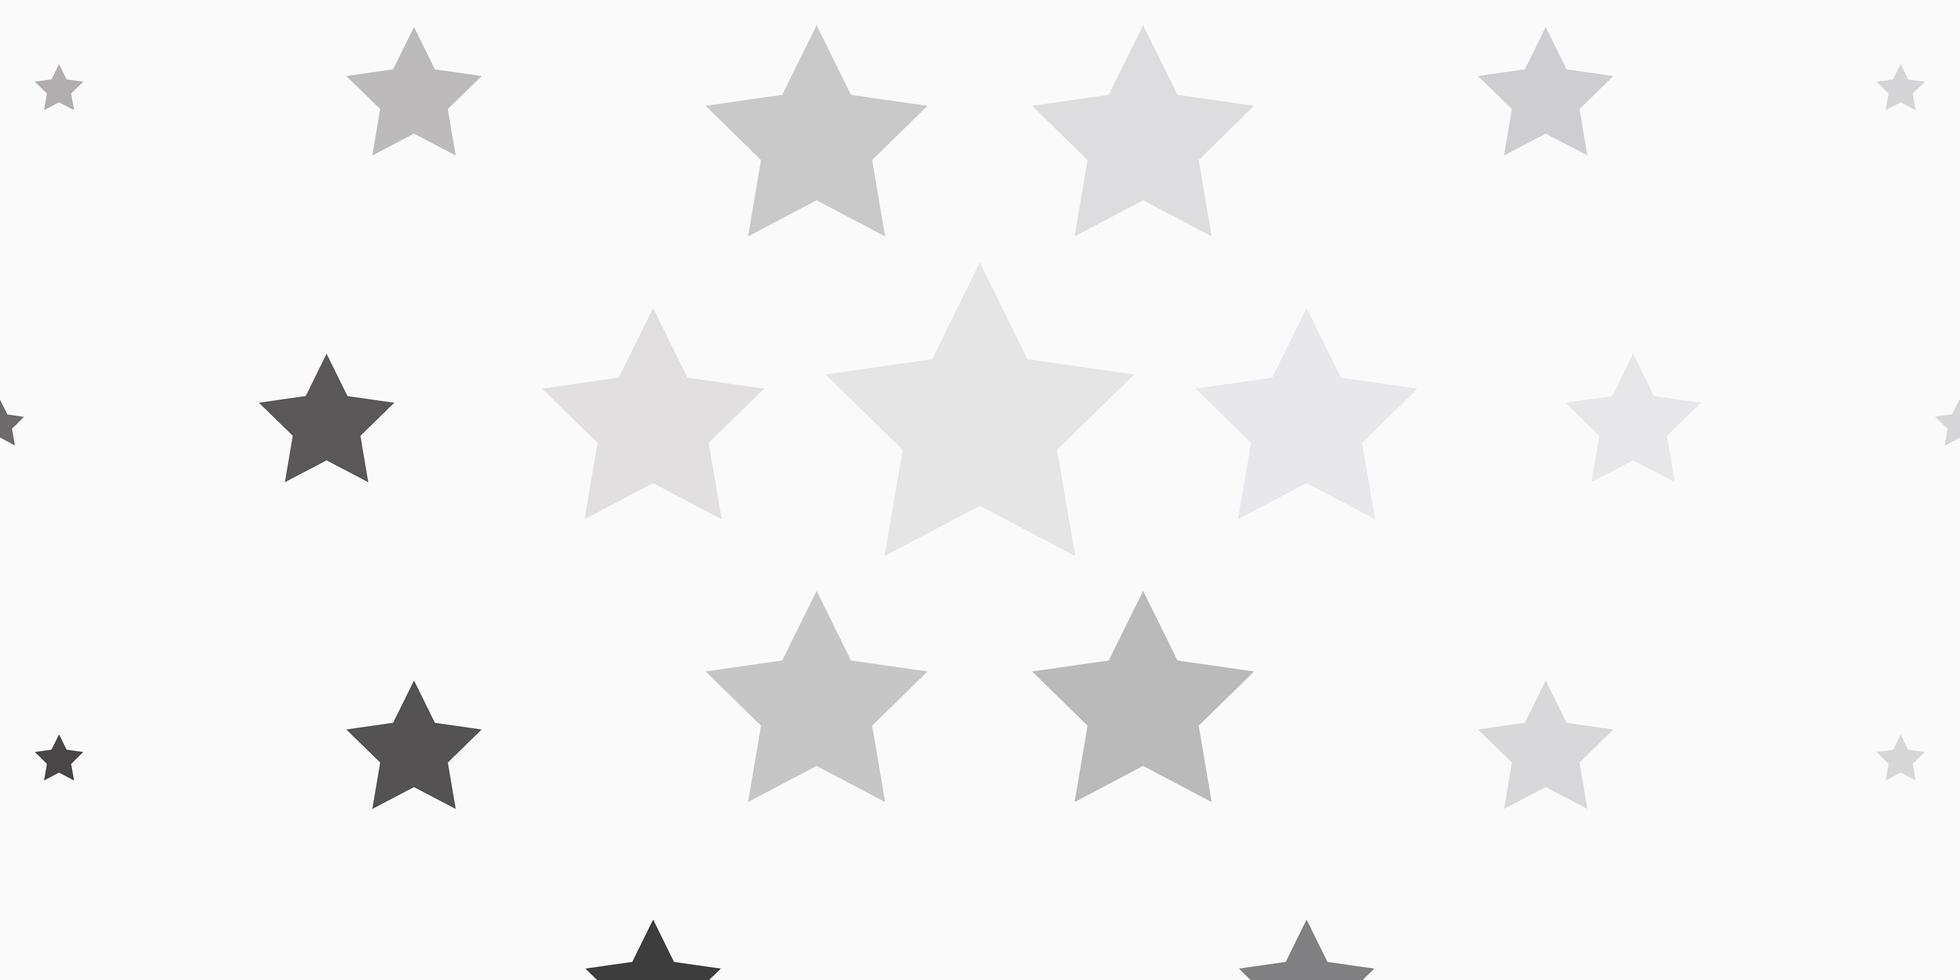 hellgrauer Vektorhintergrund mit bunten Sternen. vektor